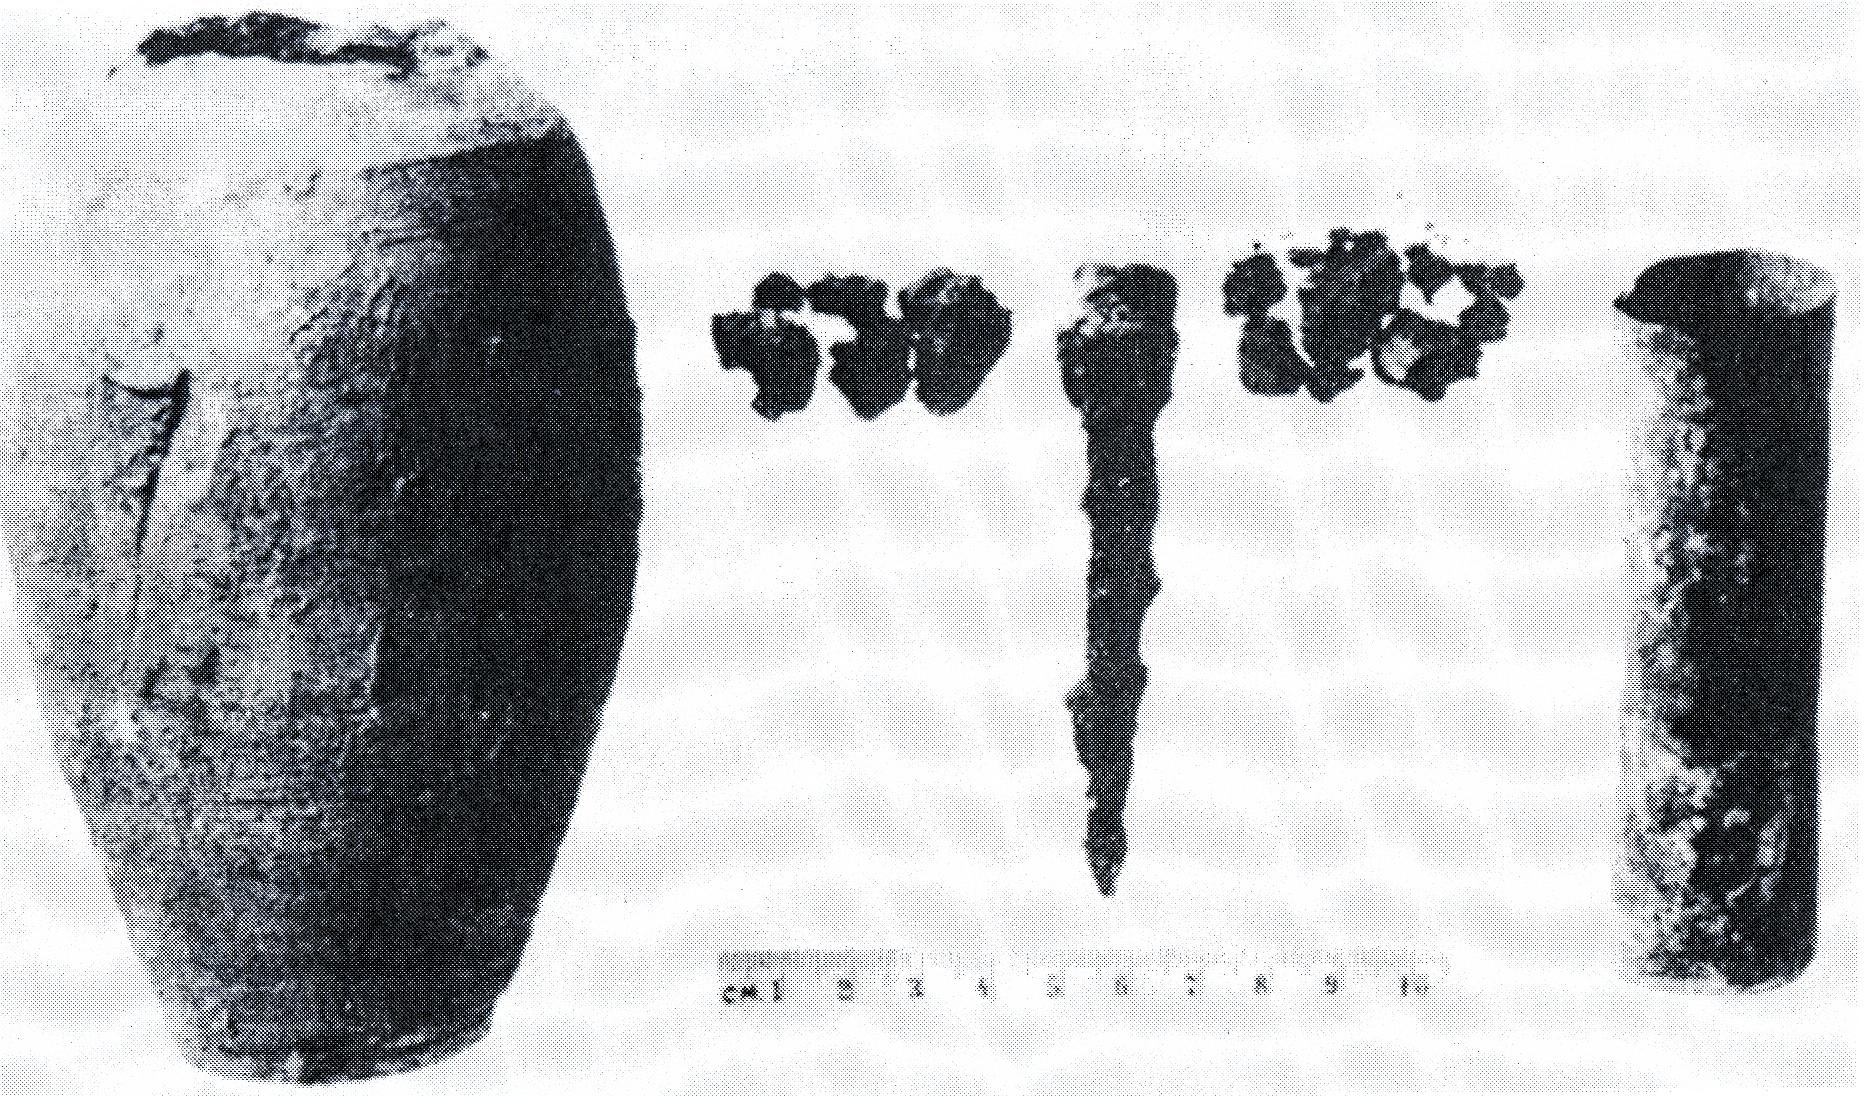 http://www.cais-soas.com/CAIS/Images2/Parthian/Artefacts/Parthian_battery/scan0002.jpg